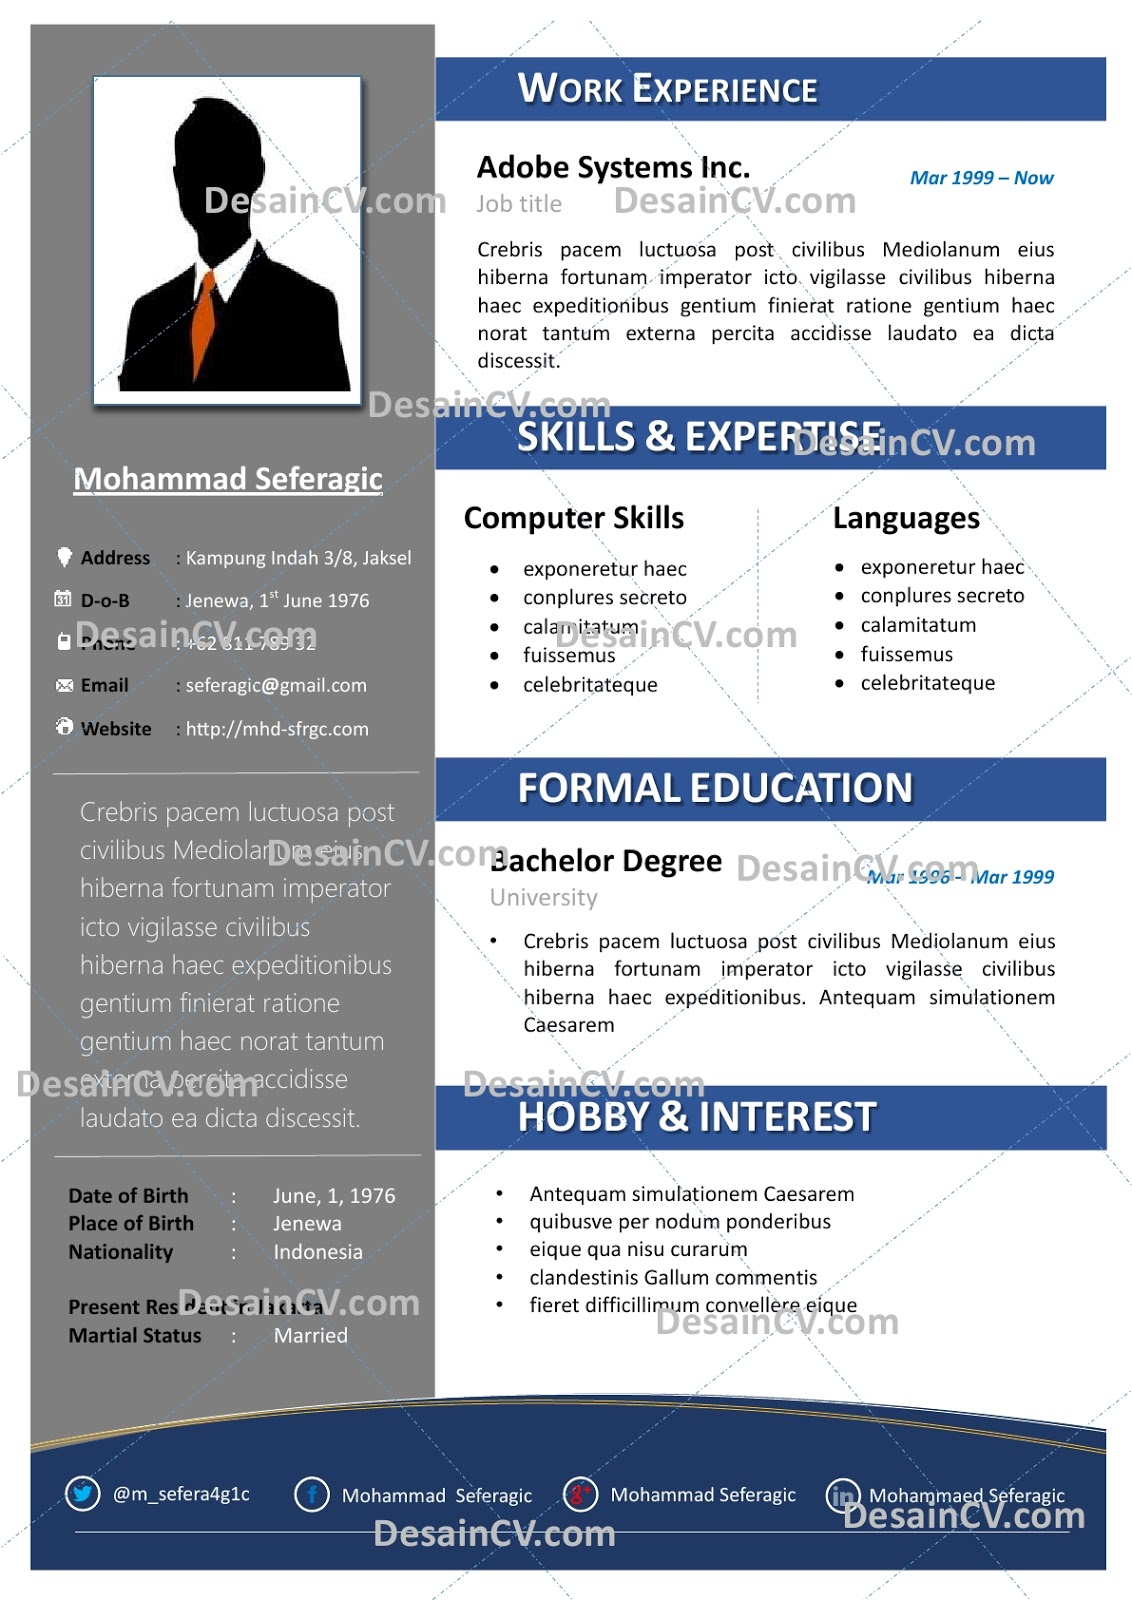 Resume Kerja Word Contoh Resume Bahasa Melayu Resume Kerja Pinterest Contoh Cv Lamaran Kerja Yang Unik Dan Menarik Macam